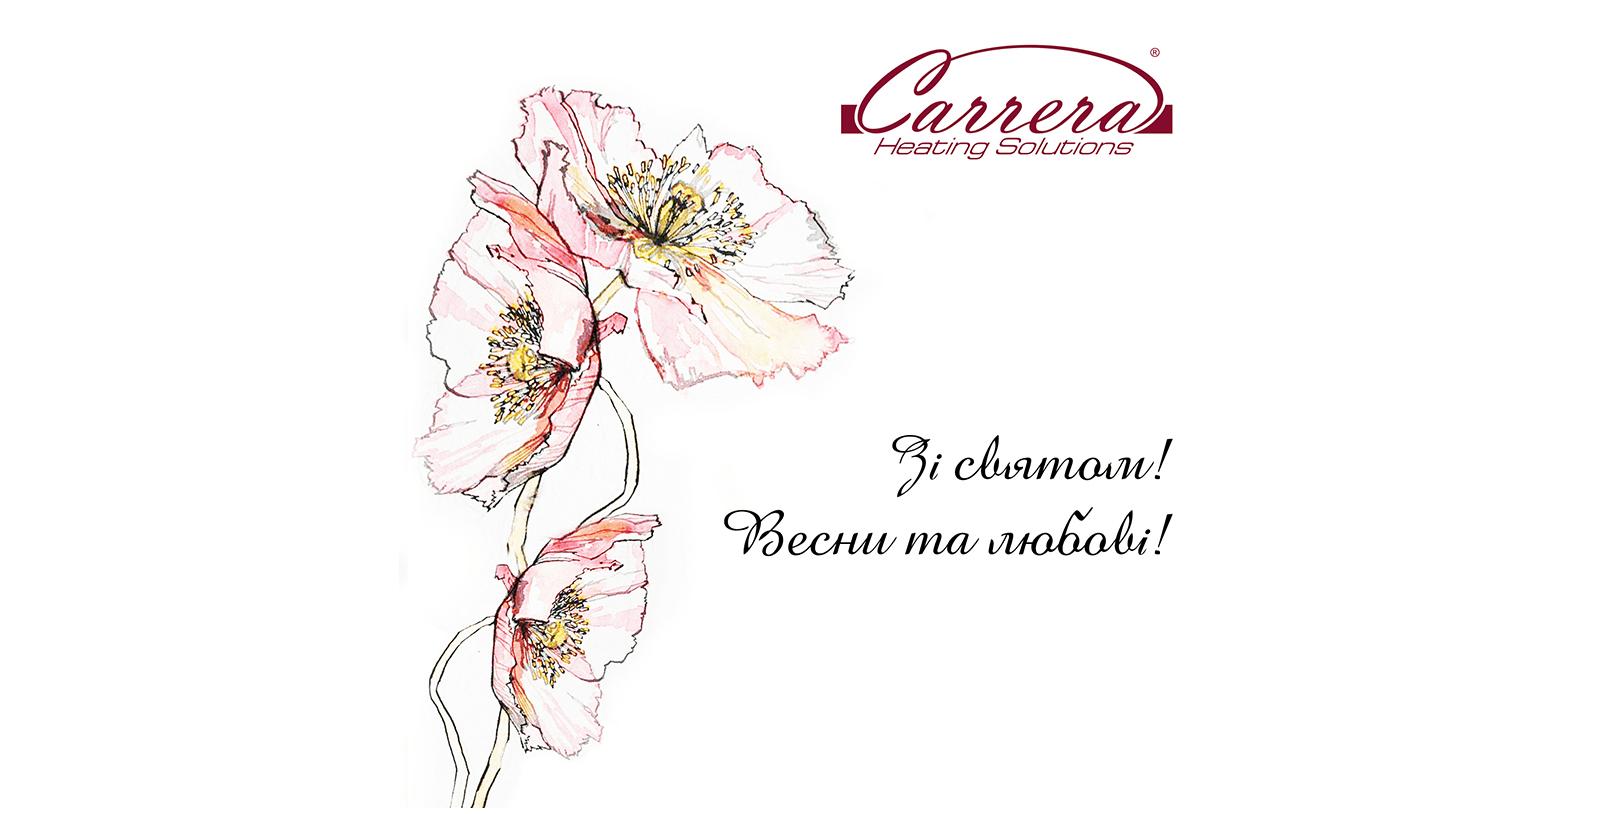 Зі святом Весни та любові!